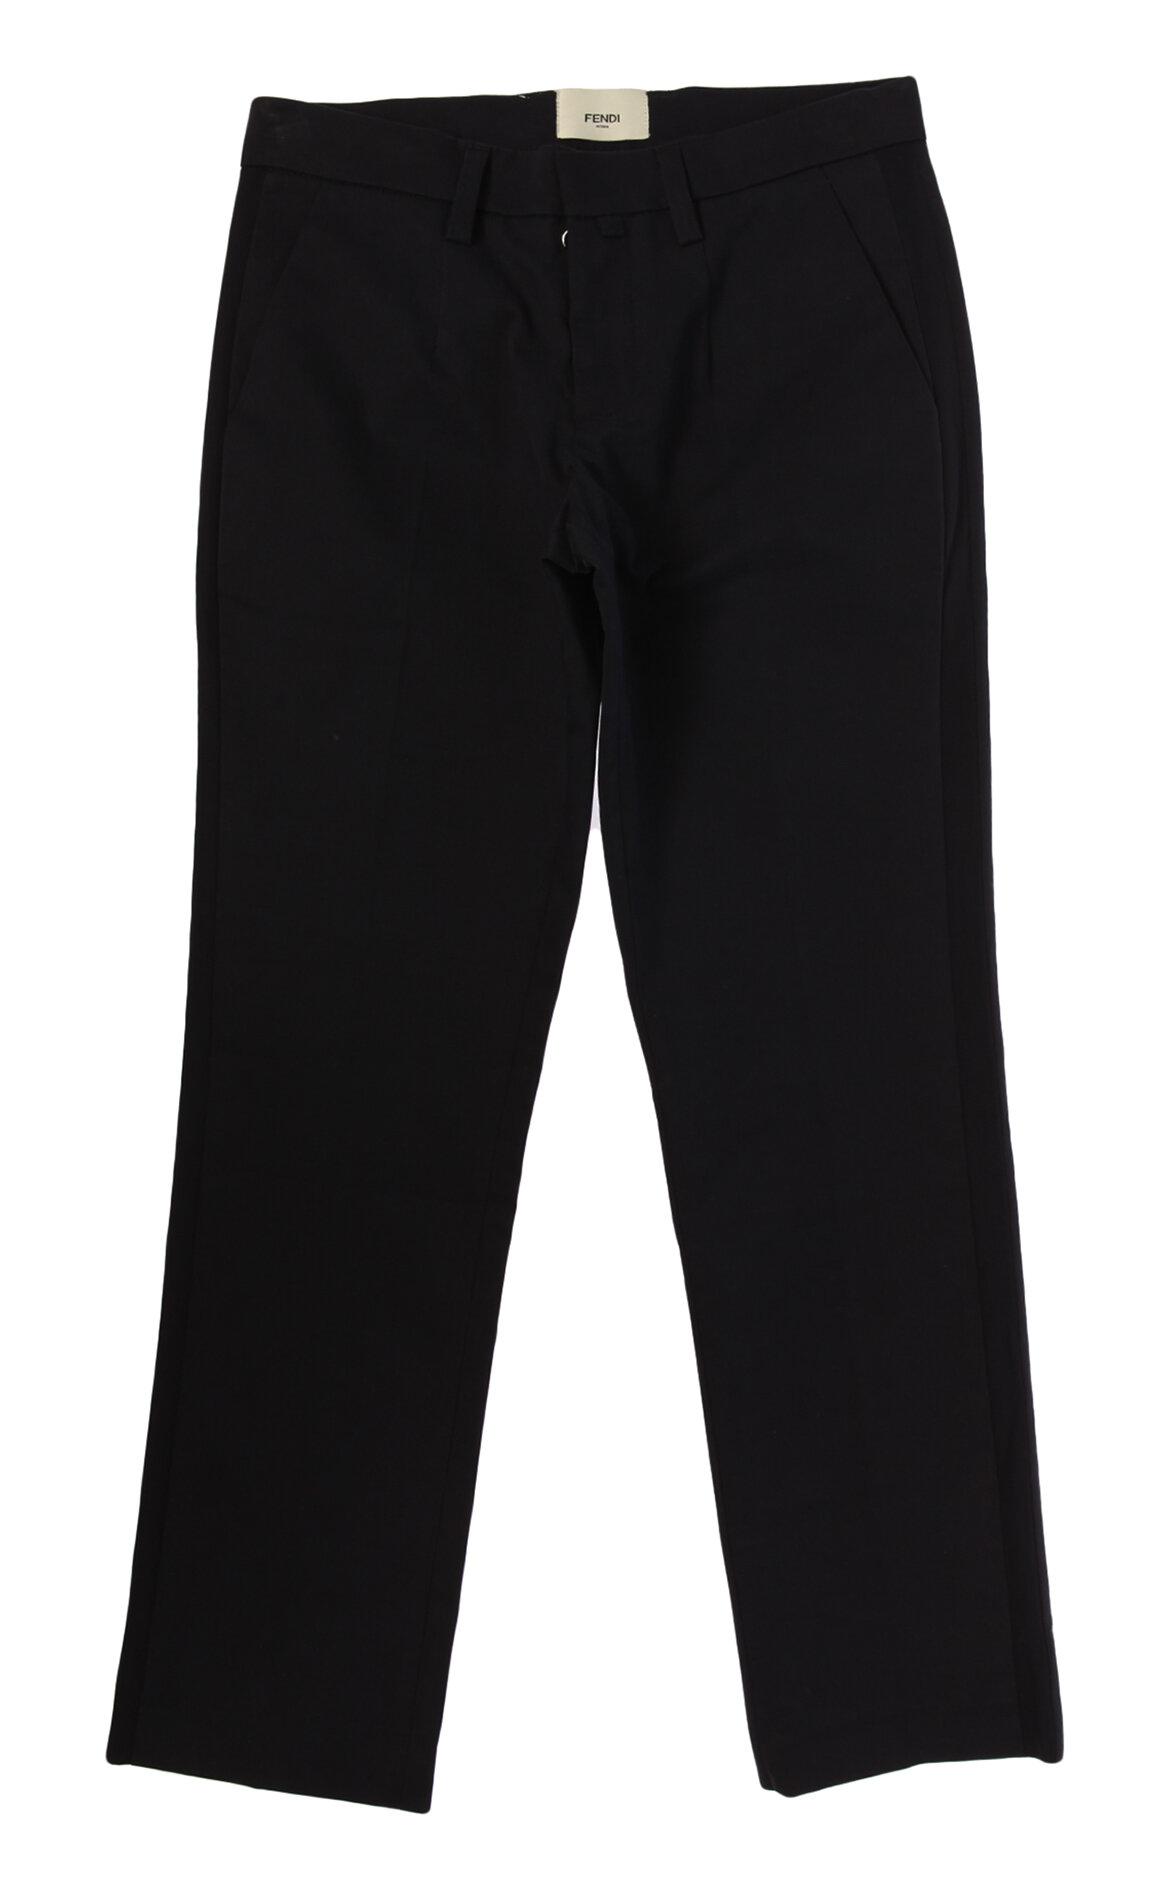 Fendi-Fendi Lacivert Smokin Pantolon